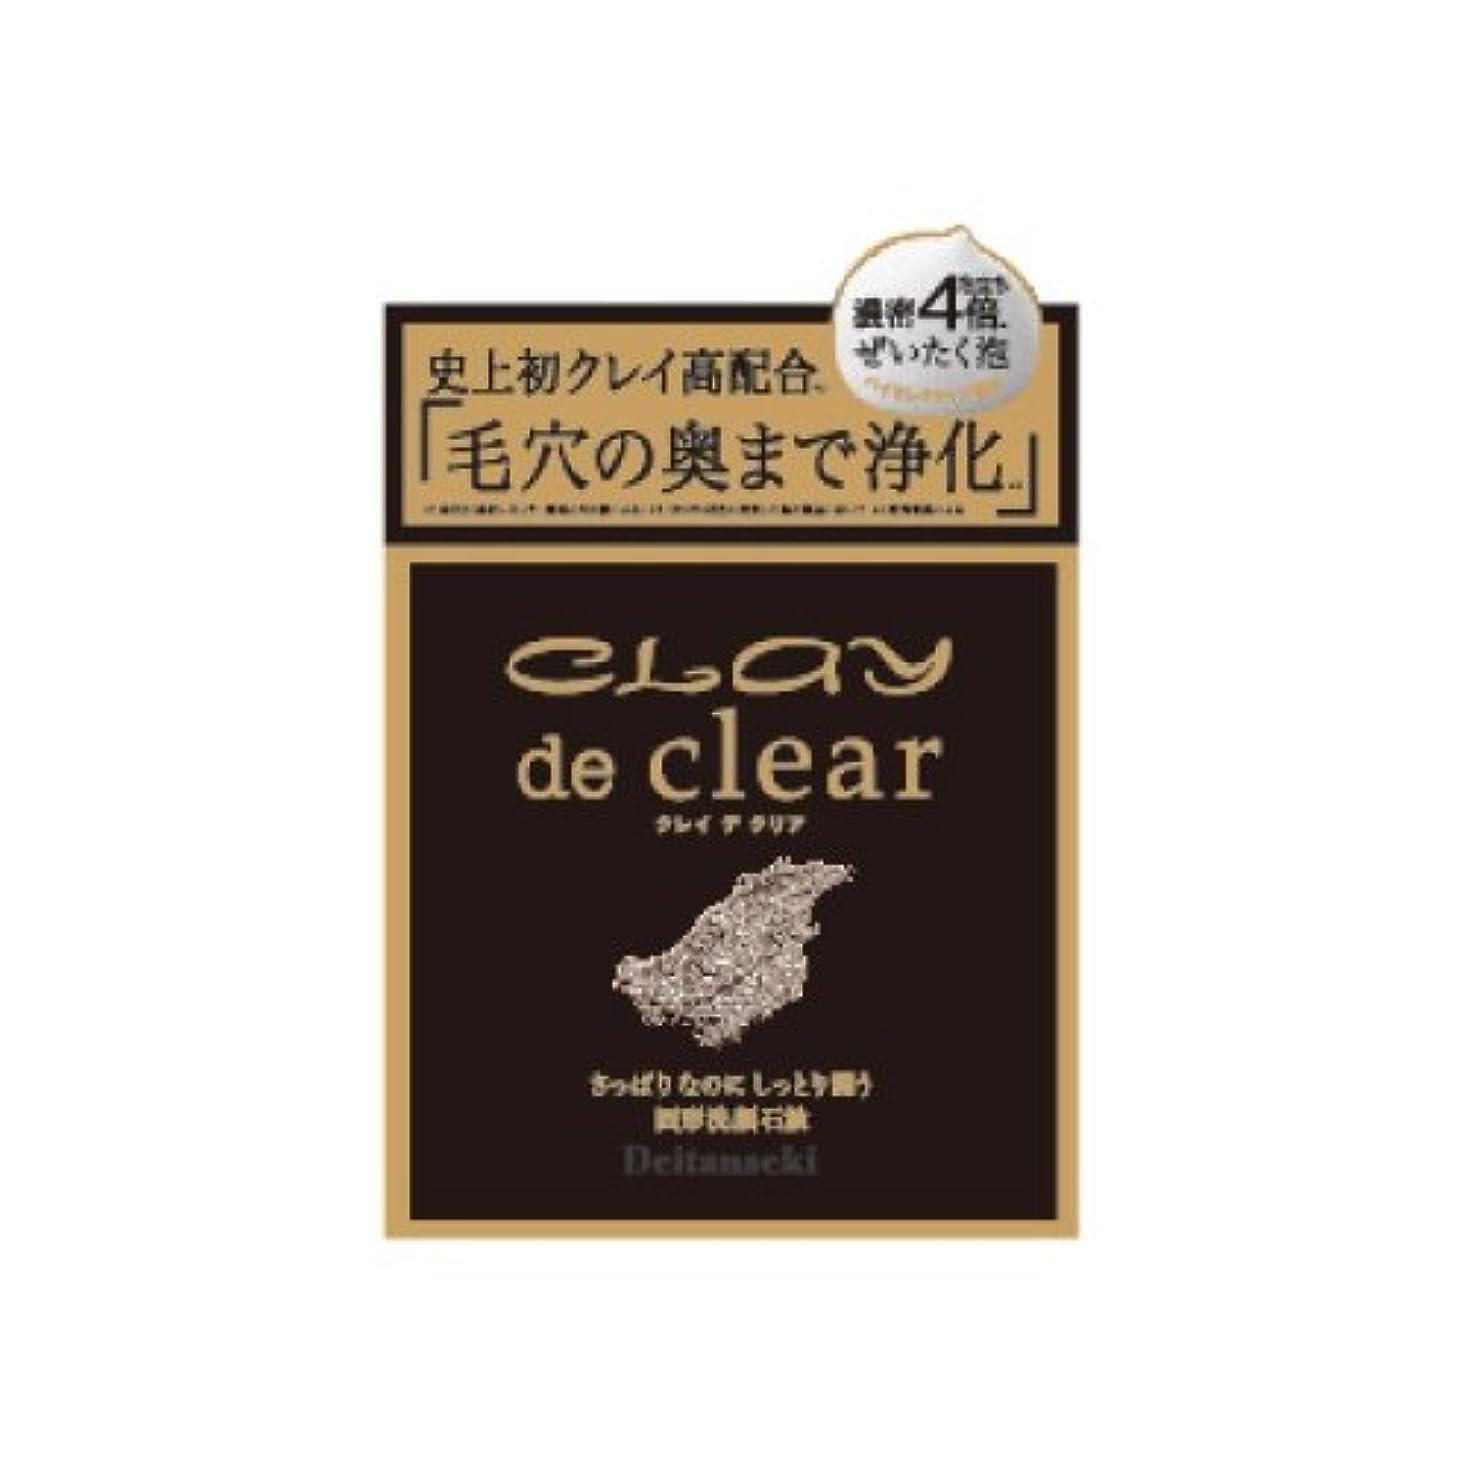 リングレット乱闘カウンタペリカン石鹸 クレイ デ クリア フェイシャルソープ 80g